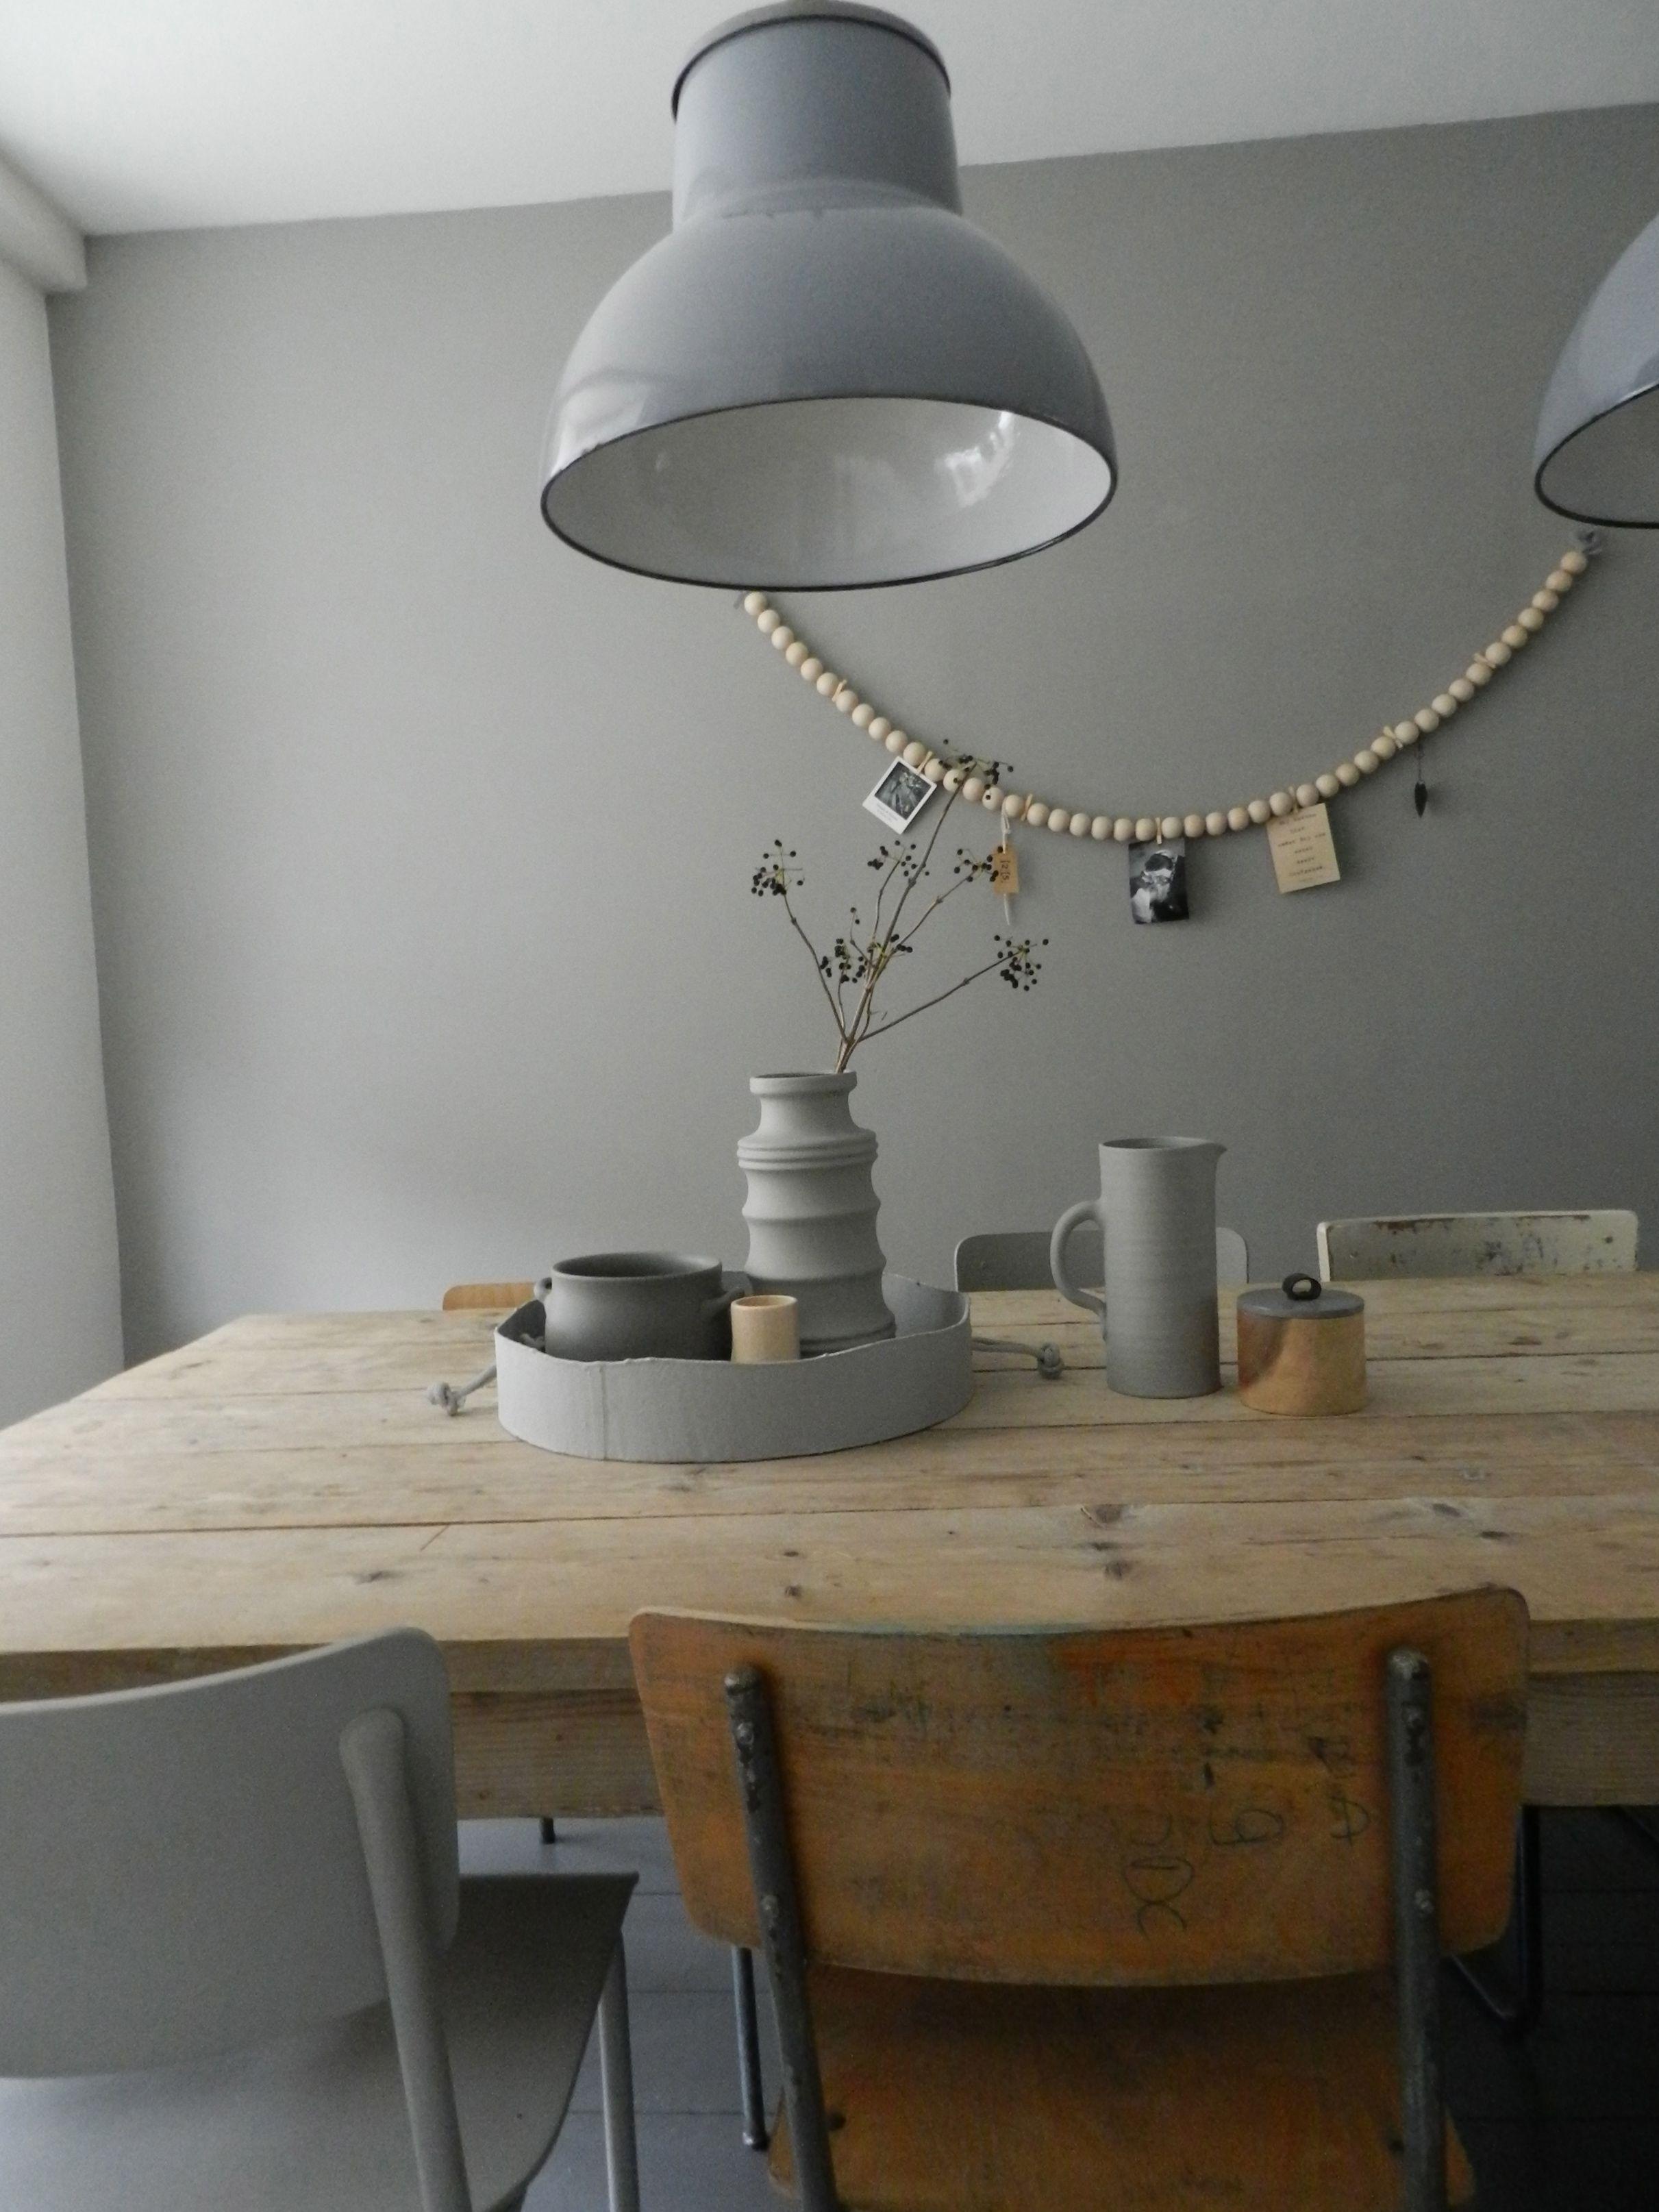 Mooie Grote Tafel Met Stoelen.Stoere Metalen Lamp Houten Tafel En Verschillende Stoelen